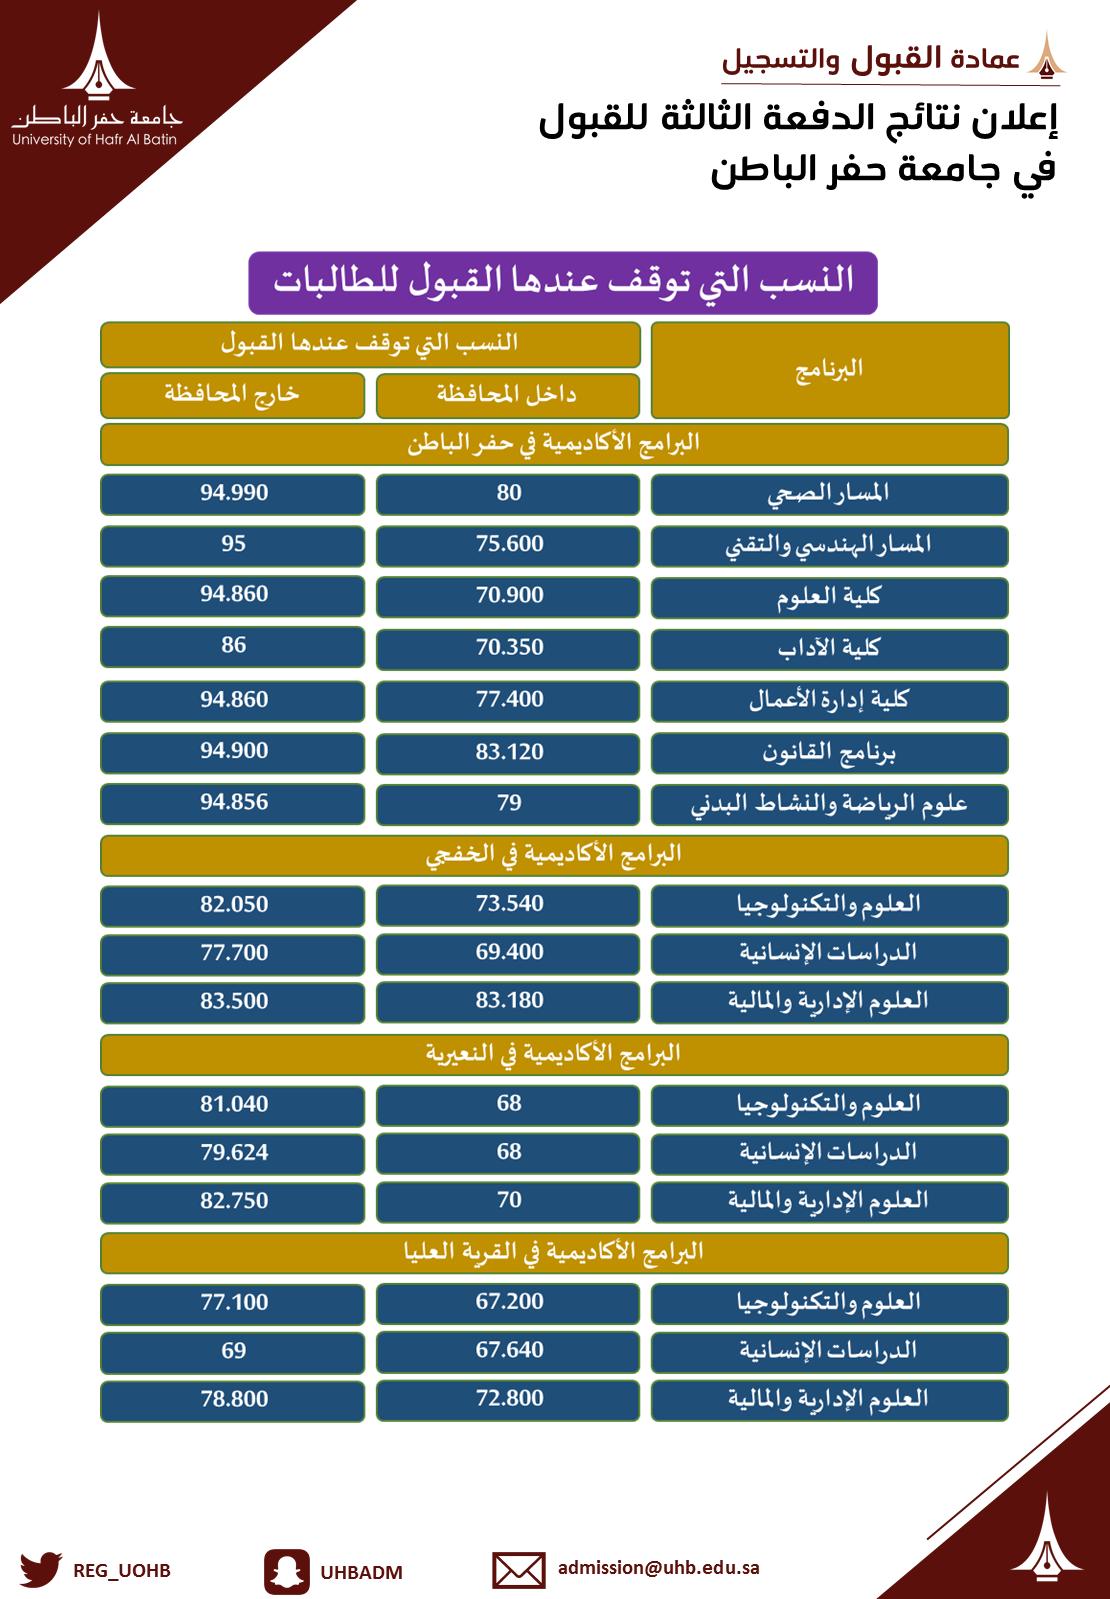 بوابة القبول جامعة حفر الباطن